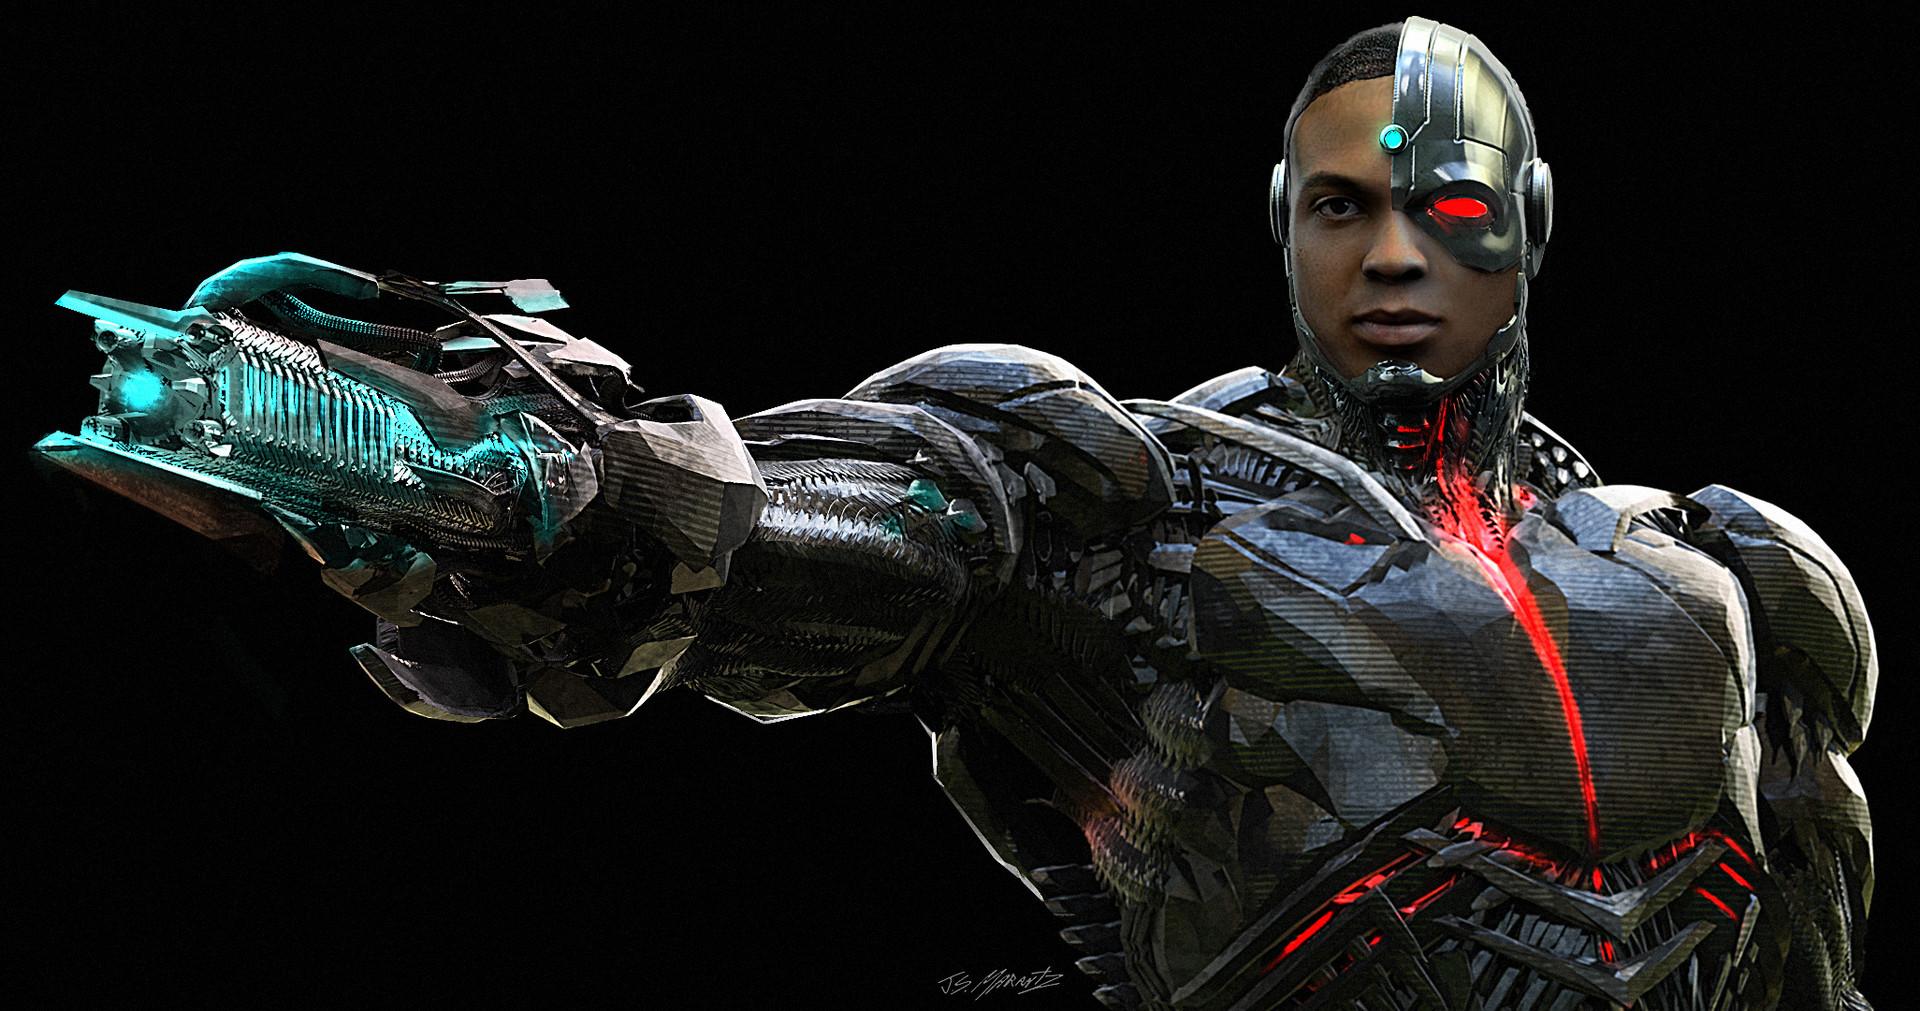 Jerx marantz cyborg gun hand 2 2